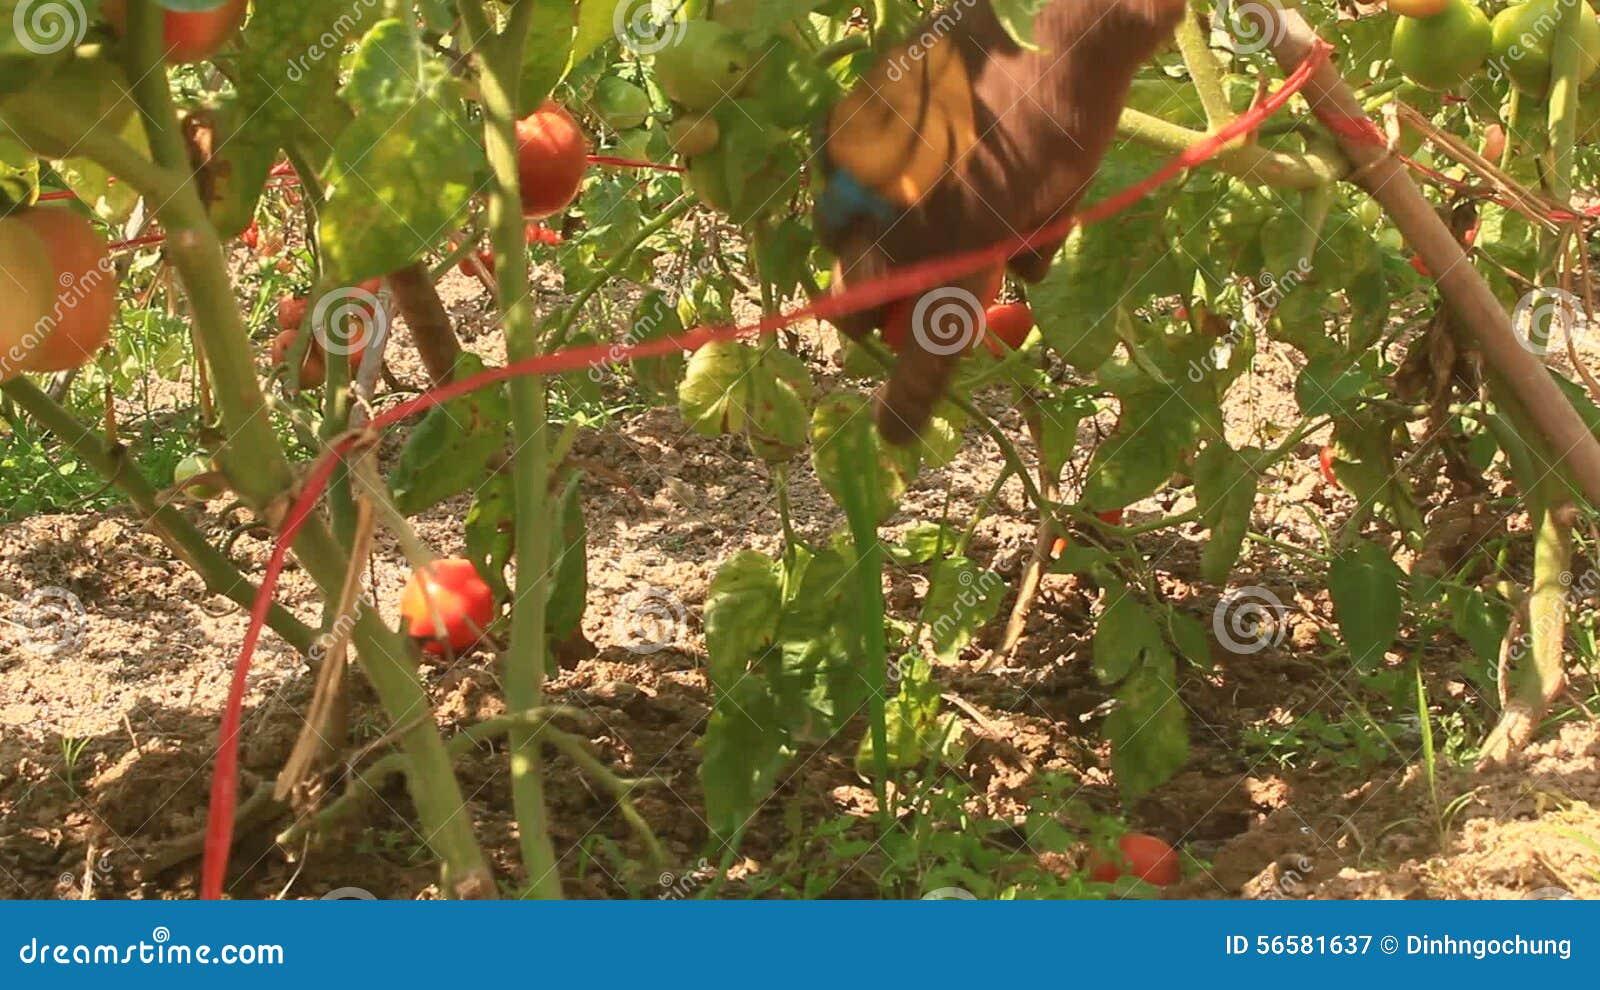 Farmer Hand Picking Ripe Tomato In Vegetable Garden Stock Video ...